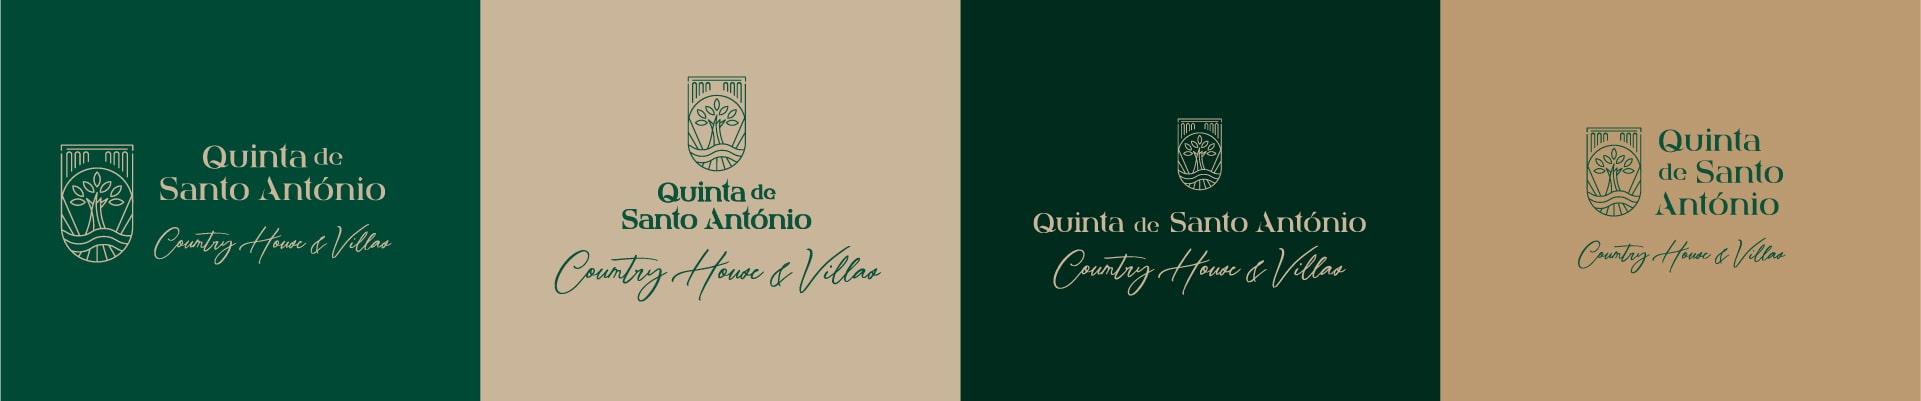 Comportamento do logótipo da Quinta de Santo António